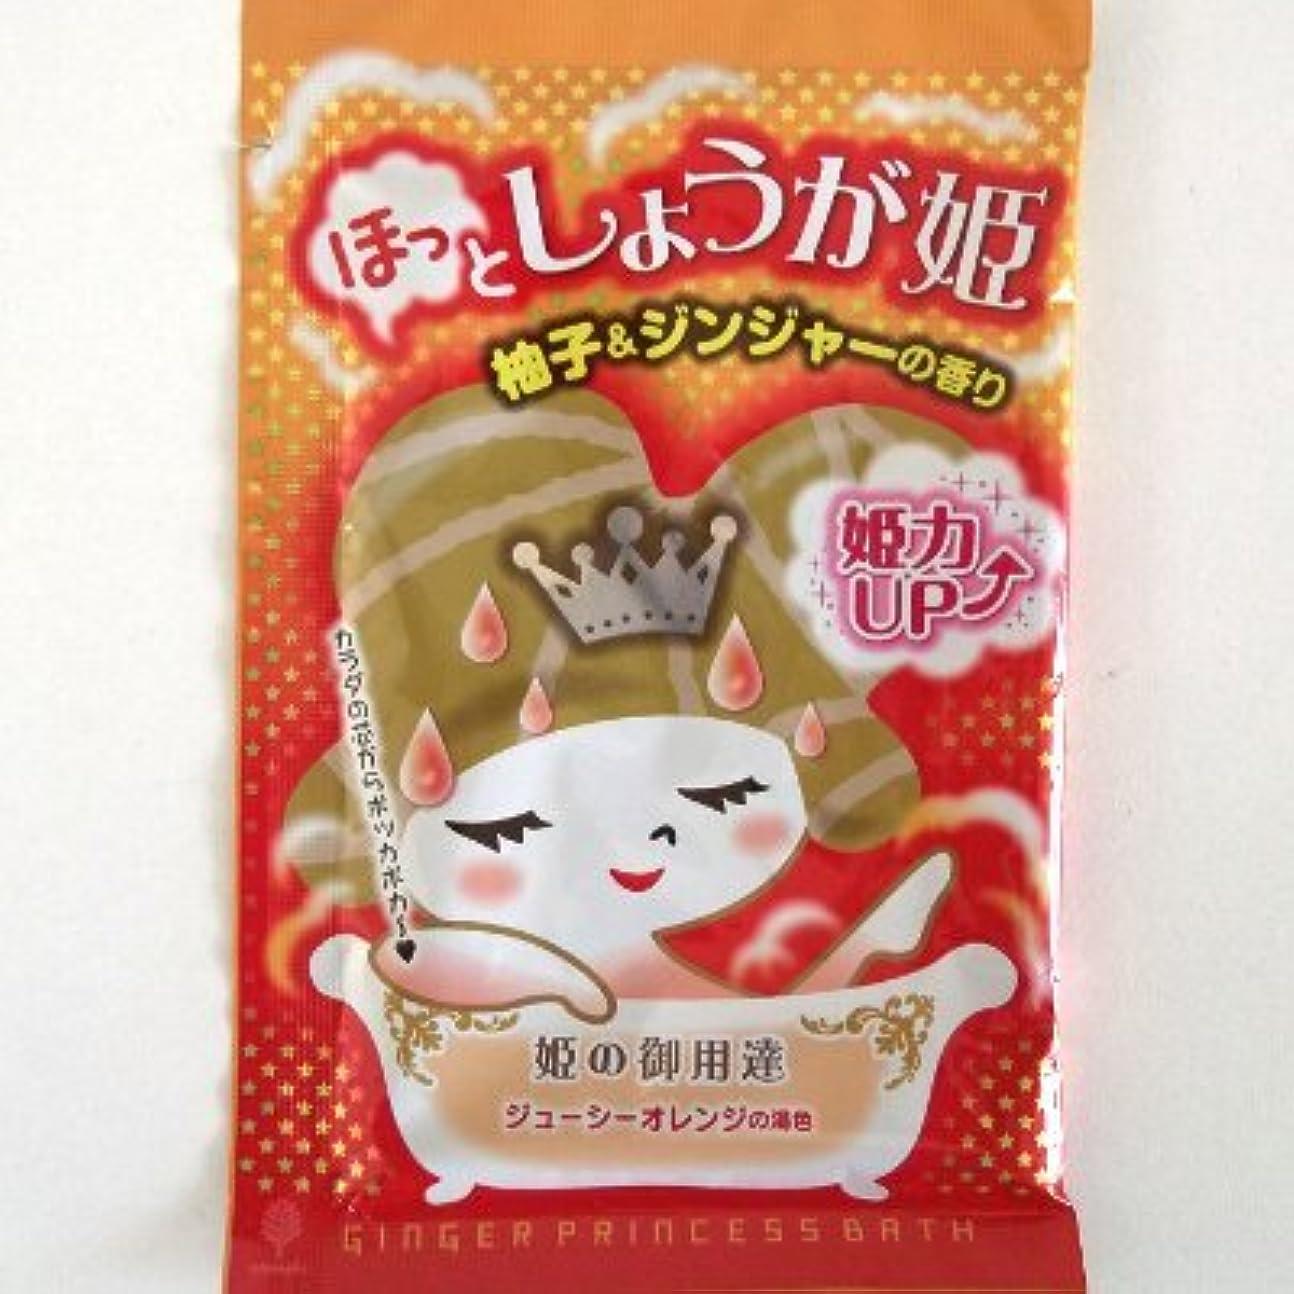 再生的病院慣れている紀陽除虫菊 ほっとしょうが姫 柚子&ジンジャーの香り【まとめ買い12個セット】 N-8400